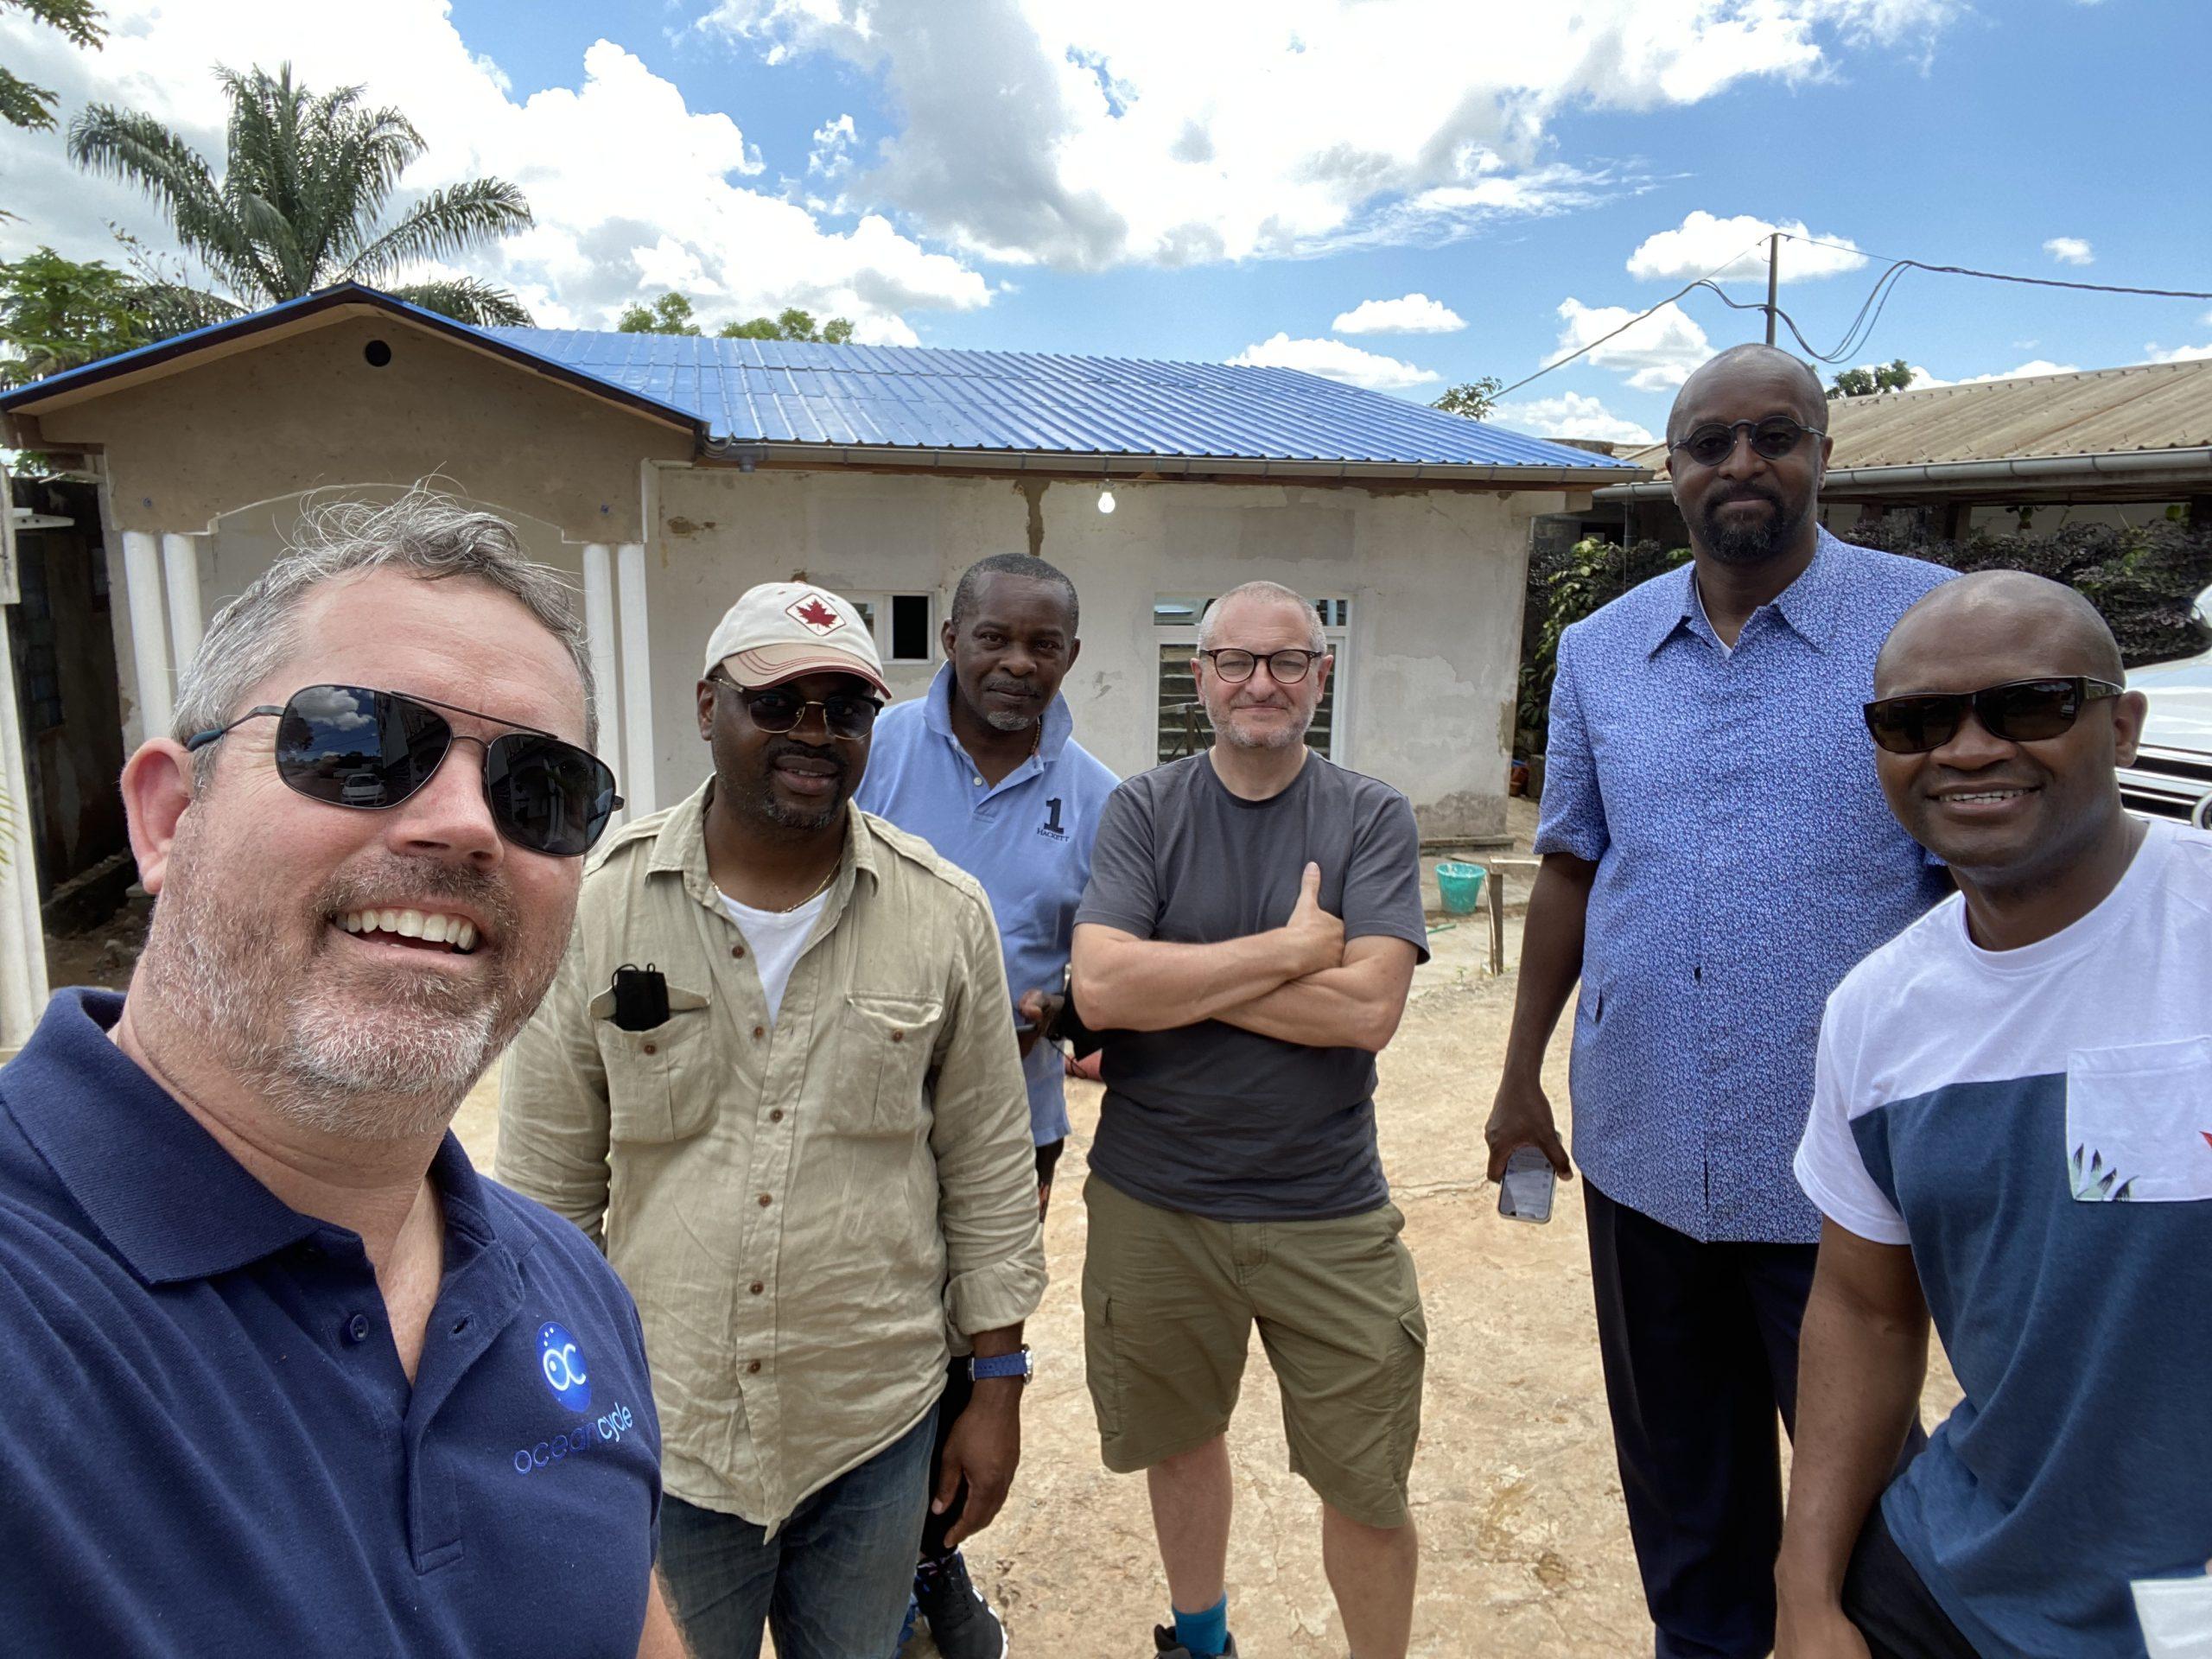 OceanCycle + Ekolysis meeting in the DRC